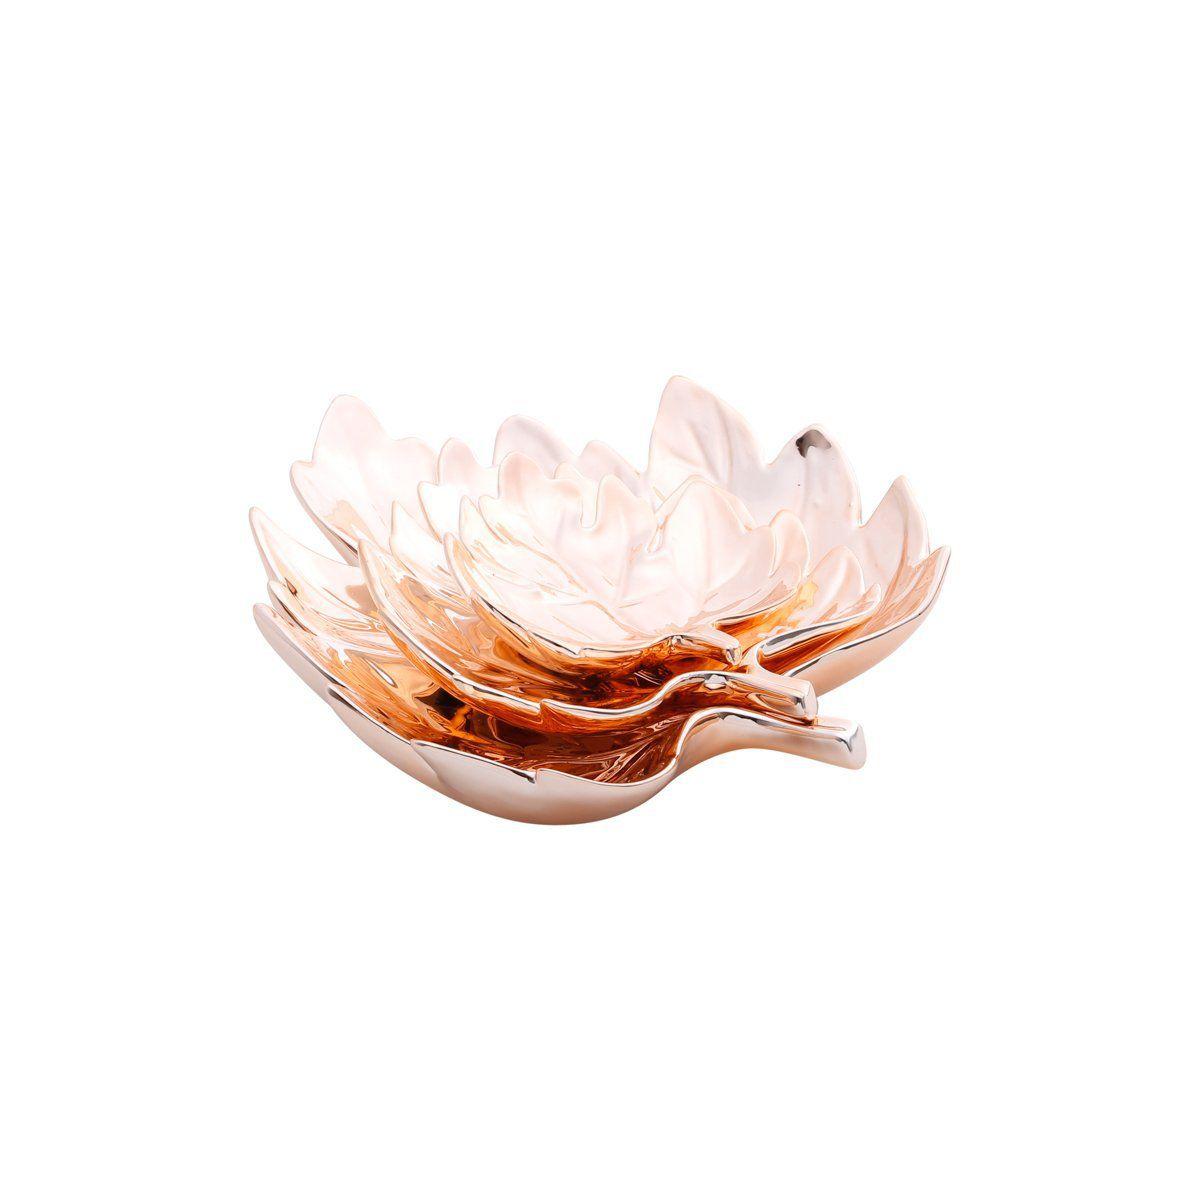 Prato decorativo 28 cm de cerâmica rosé gold Folha Prestige - 25673